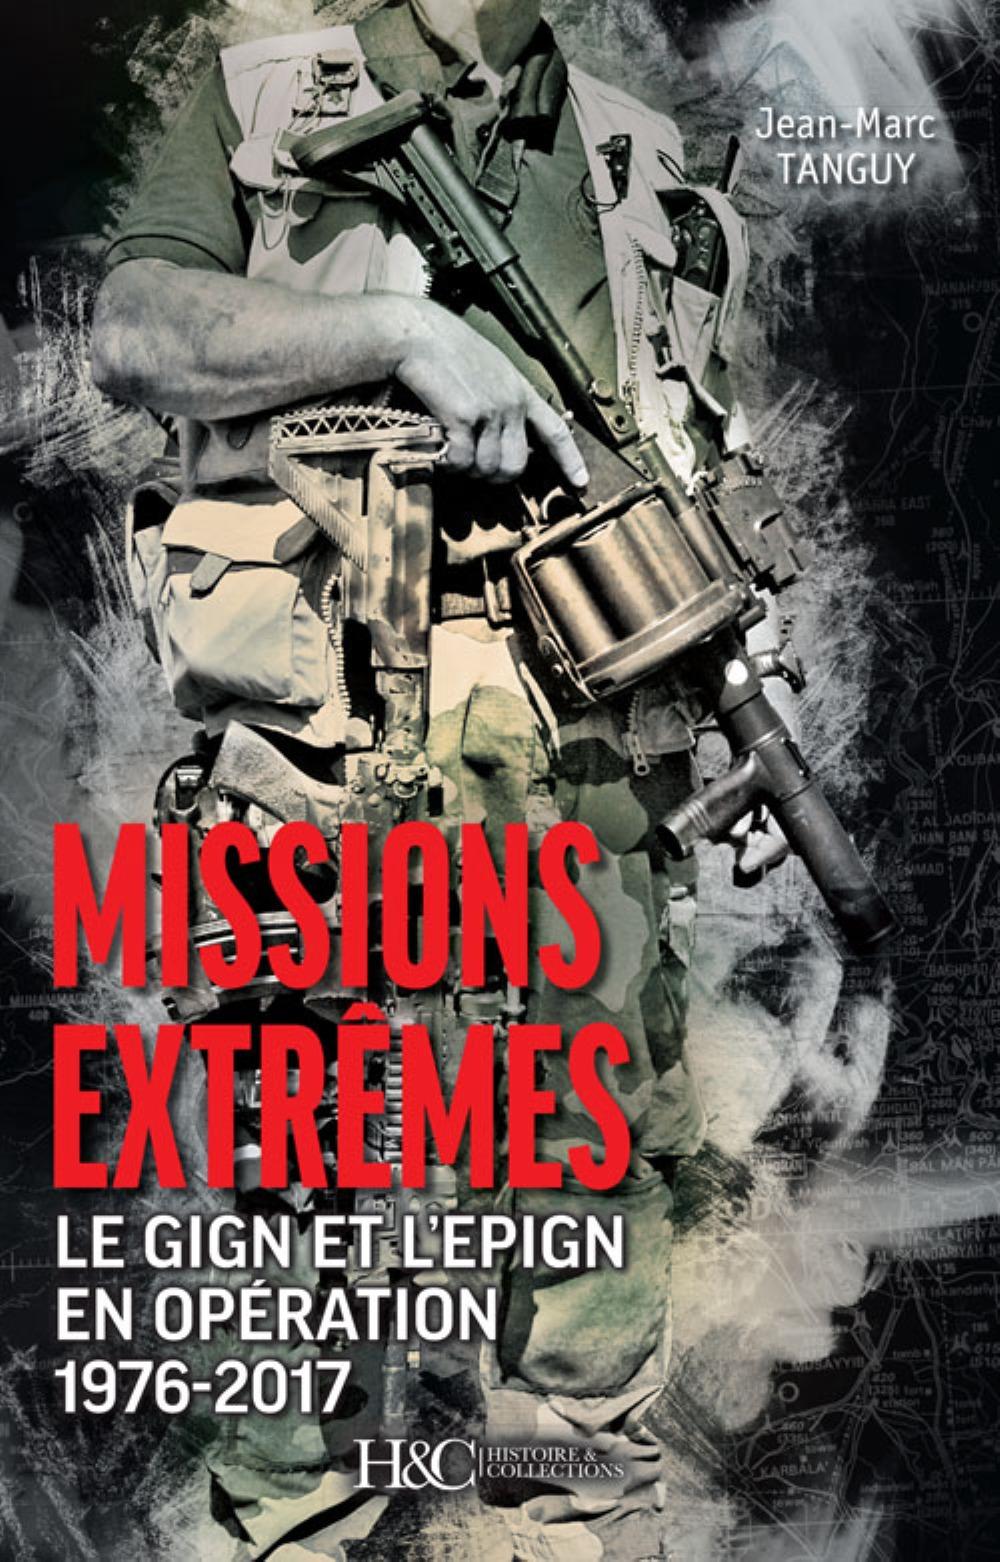 MISSIONS EXTREMES- LE GIGN ET L'EPIGN EN OPERATION